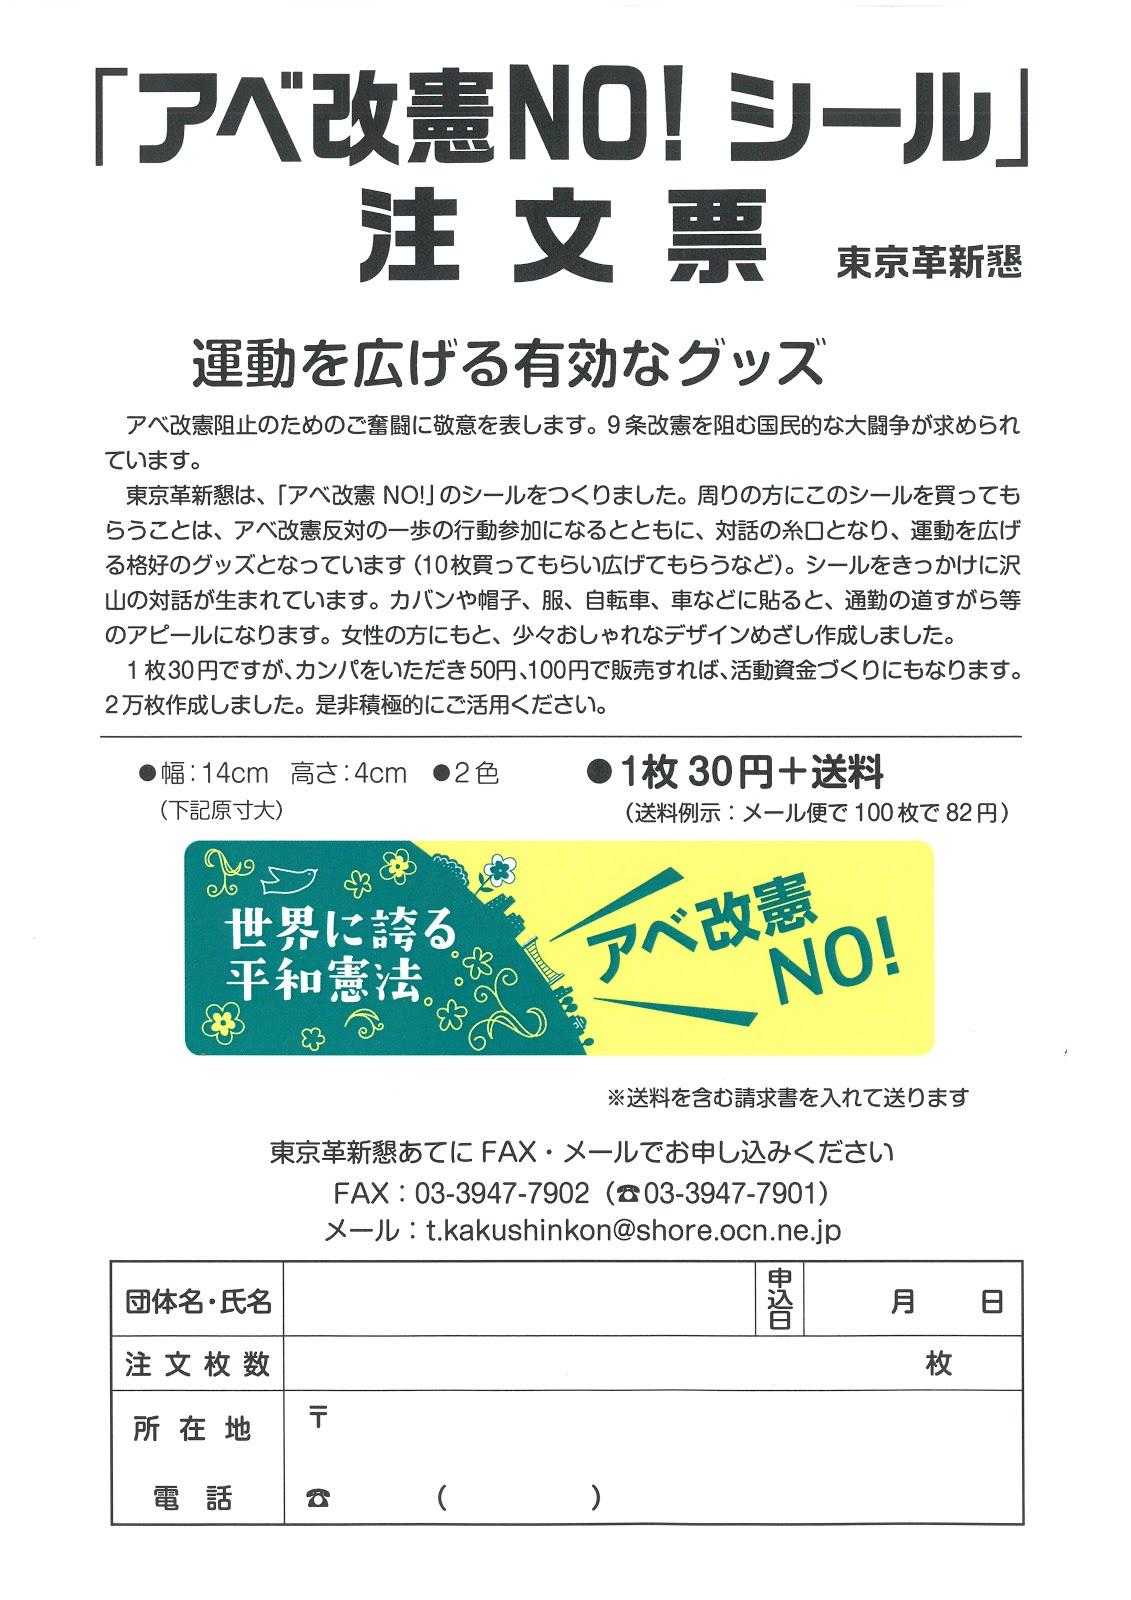 アベ改憲NO!シール 運動を広げる友好なグッズ ご注文を!